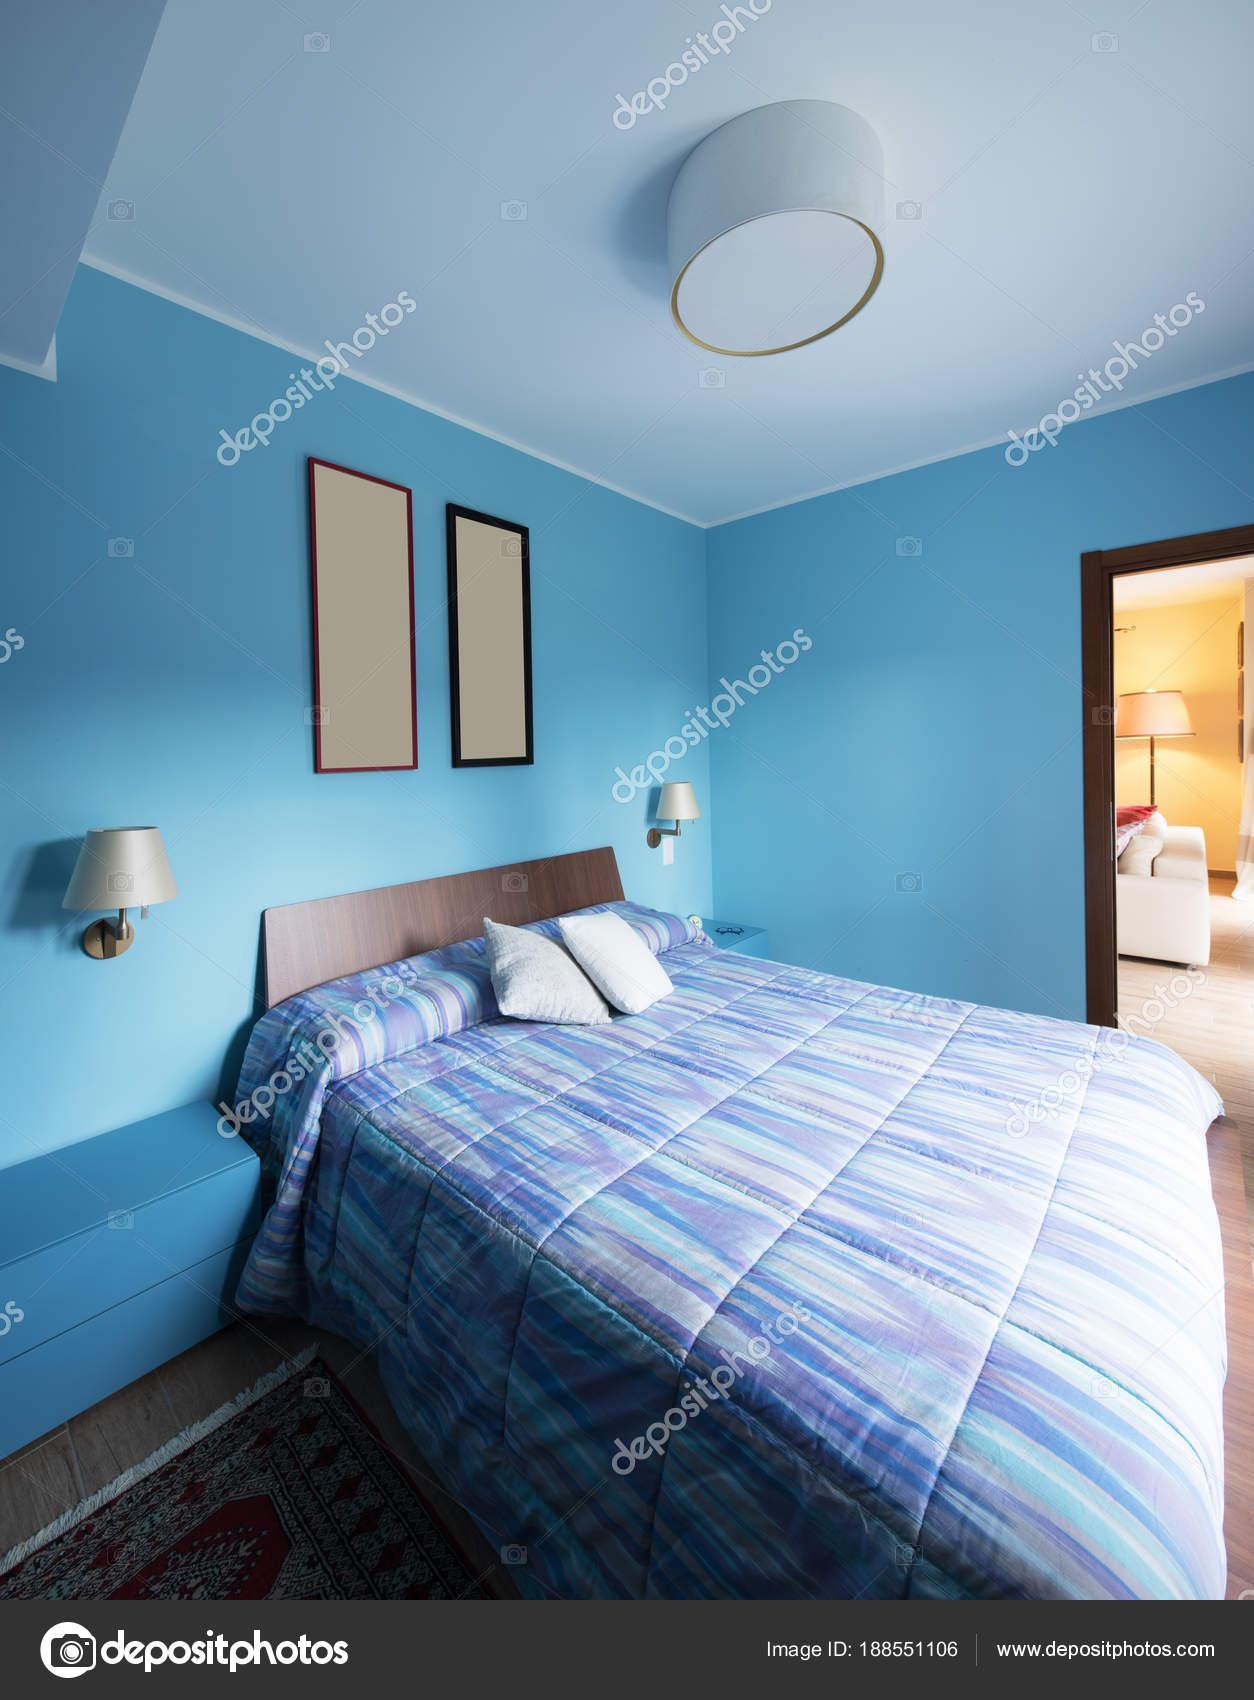 Blaue Schlafzimmer Mit Bildern An Der Wand. Niemand Im Inneren U2014 Foto Von  Zveiger